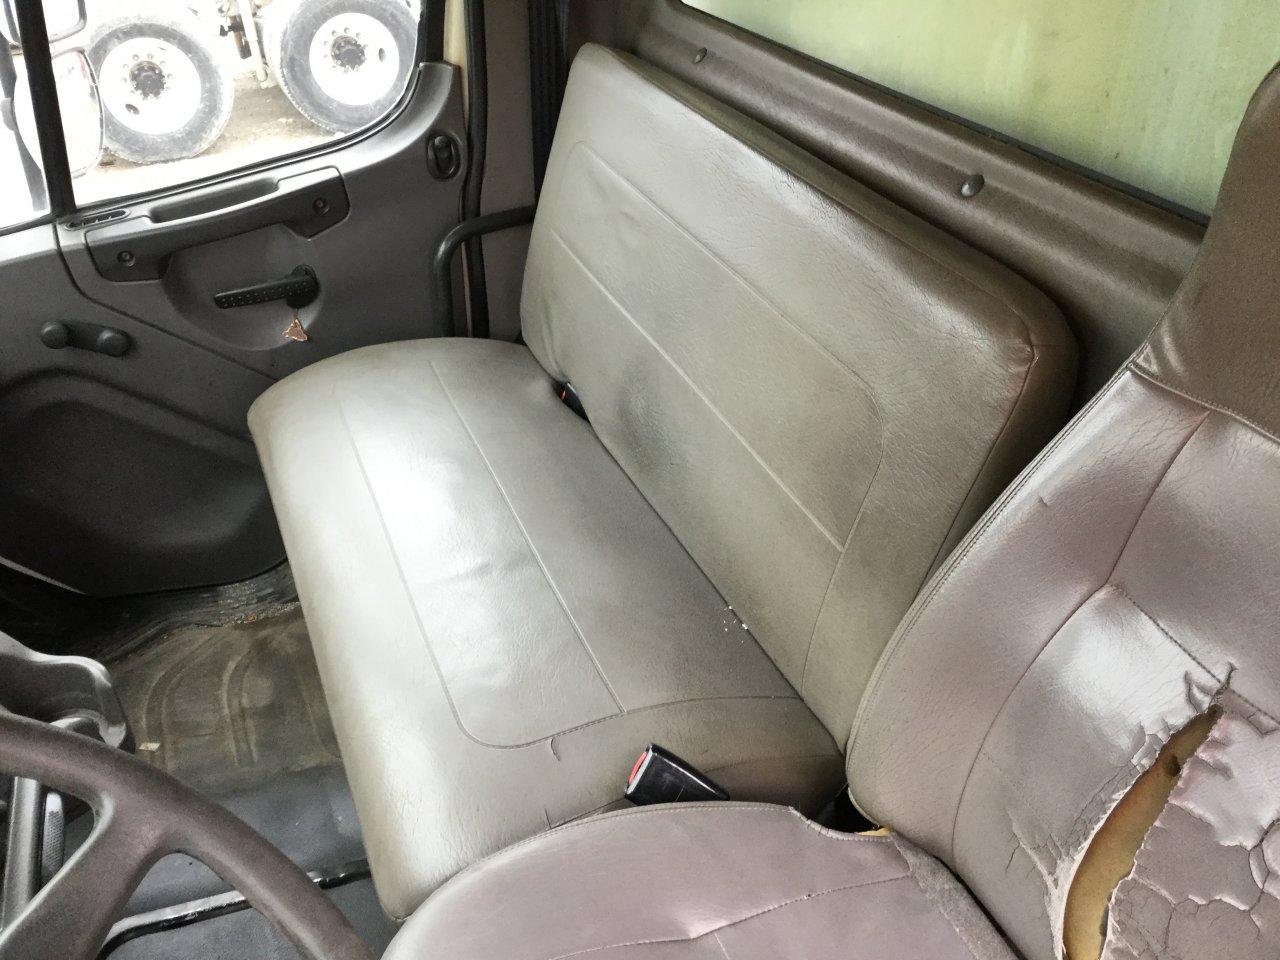 FREIGHTLINER M2 106 Seat, non-Suspension